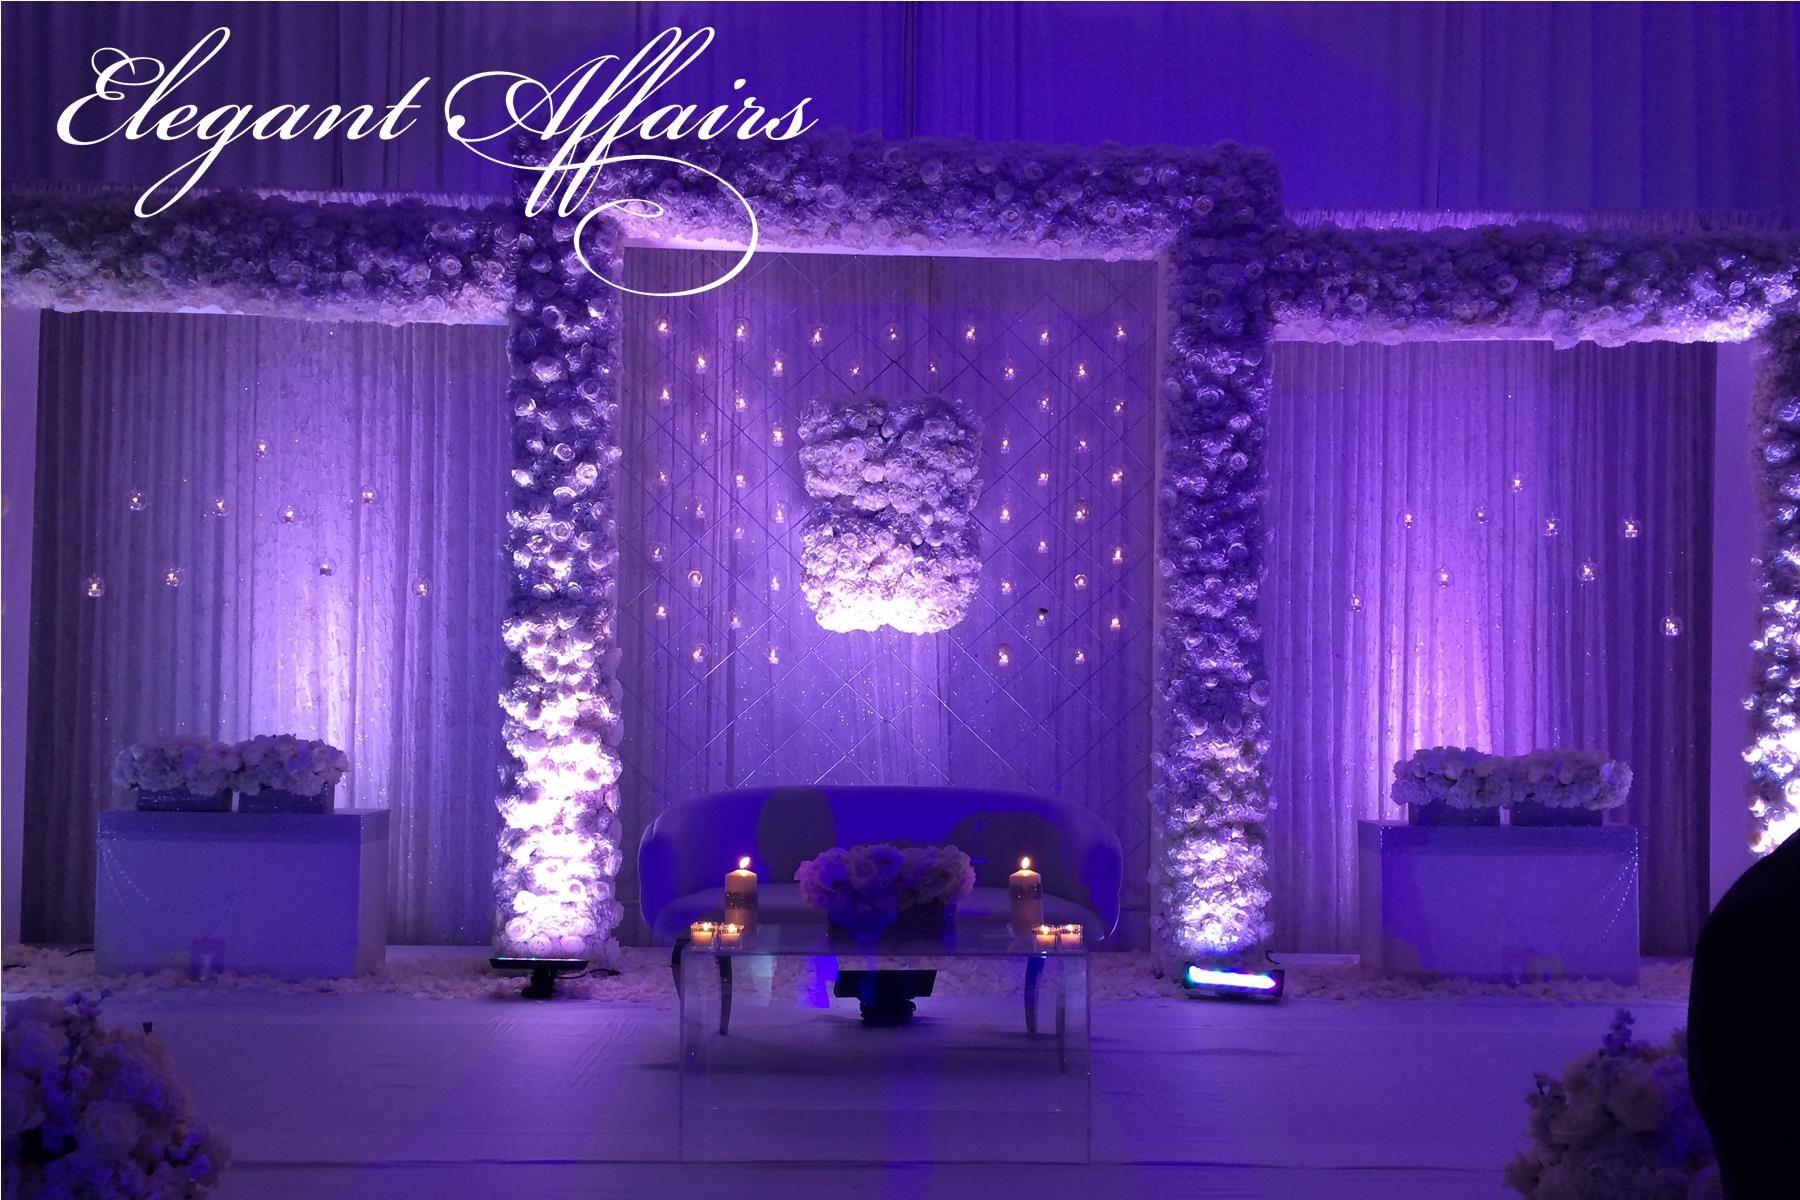 Wedding stage decoration dubai  Such a beautiful setup done by Elegant Affairs elegantaffairs